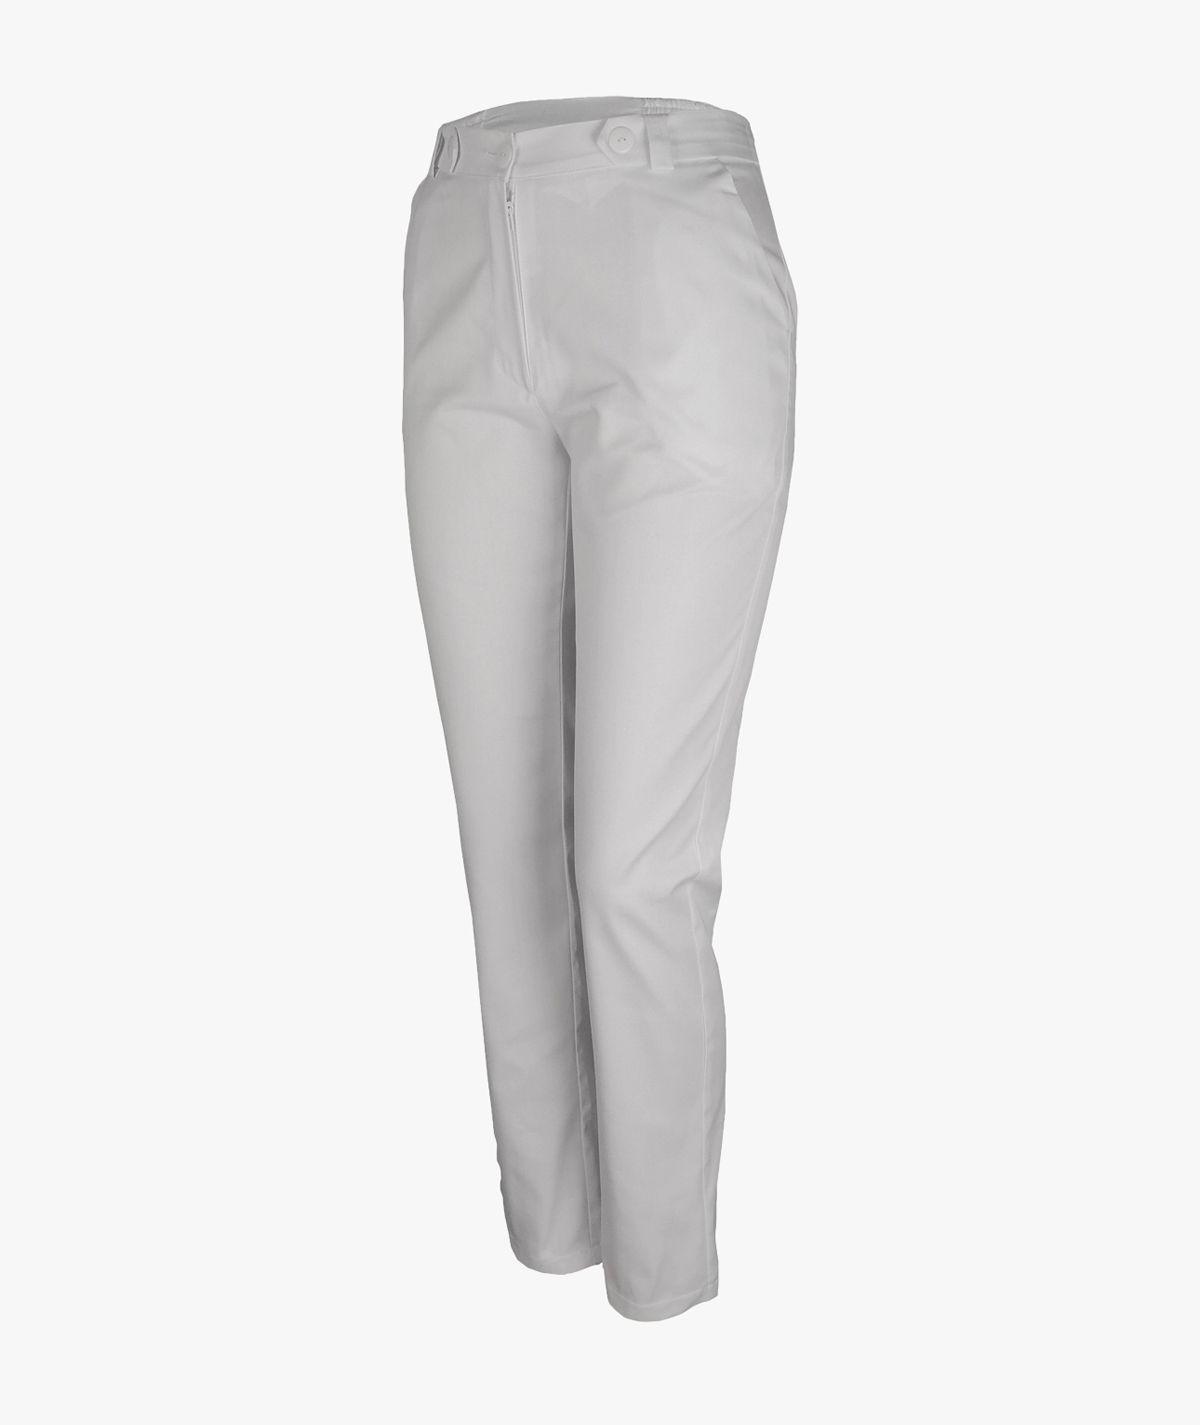 Jasnopopielate spodnie medyczne Mira